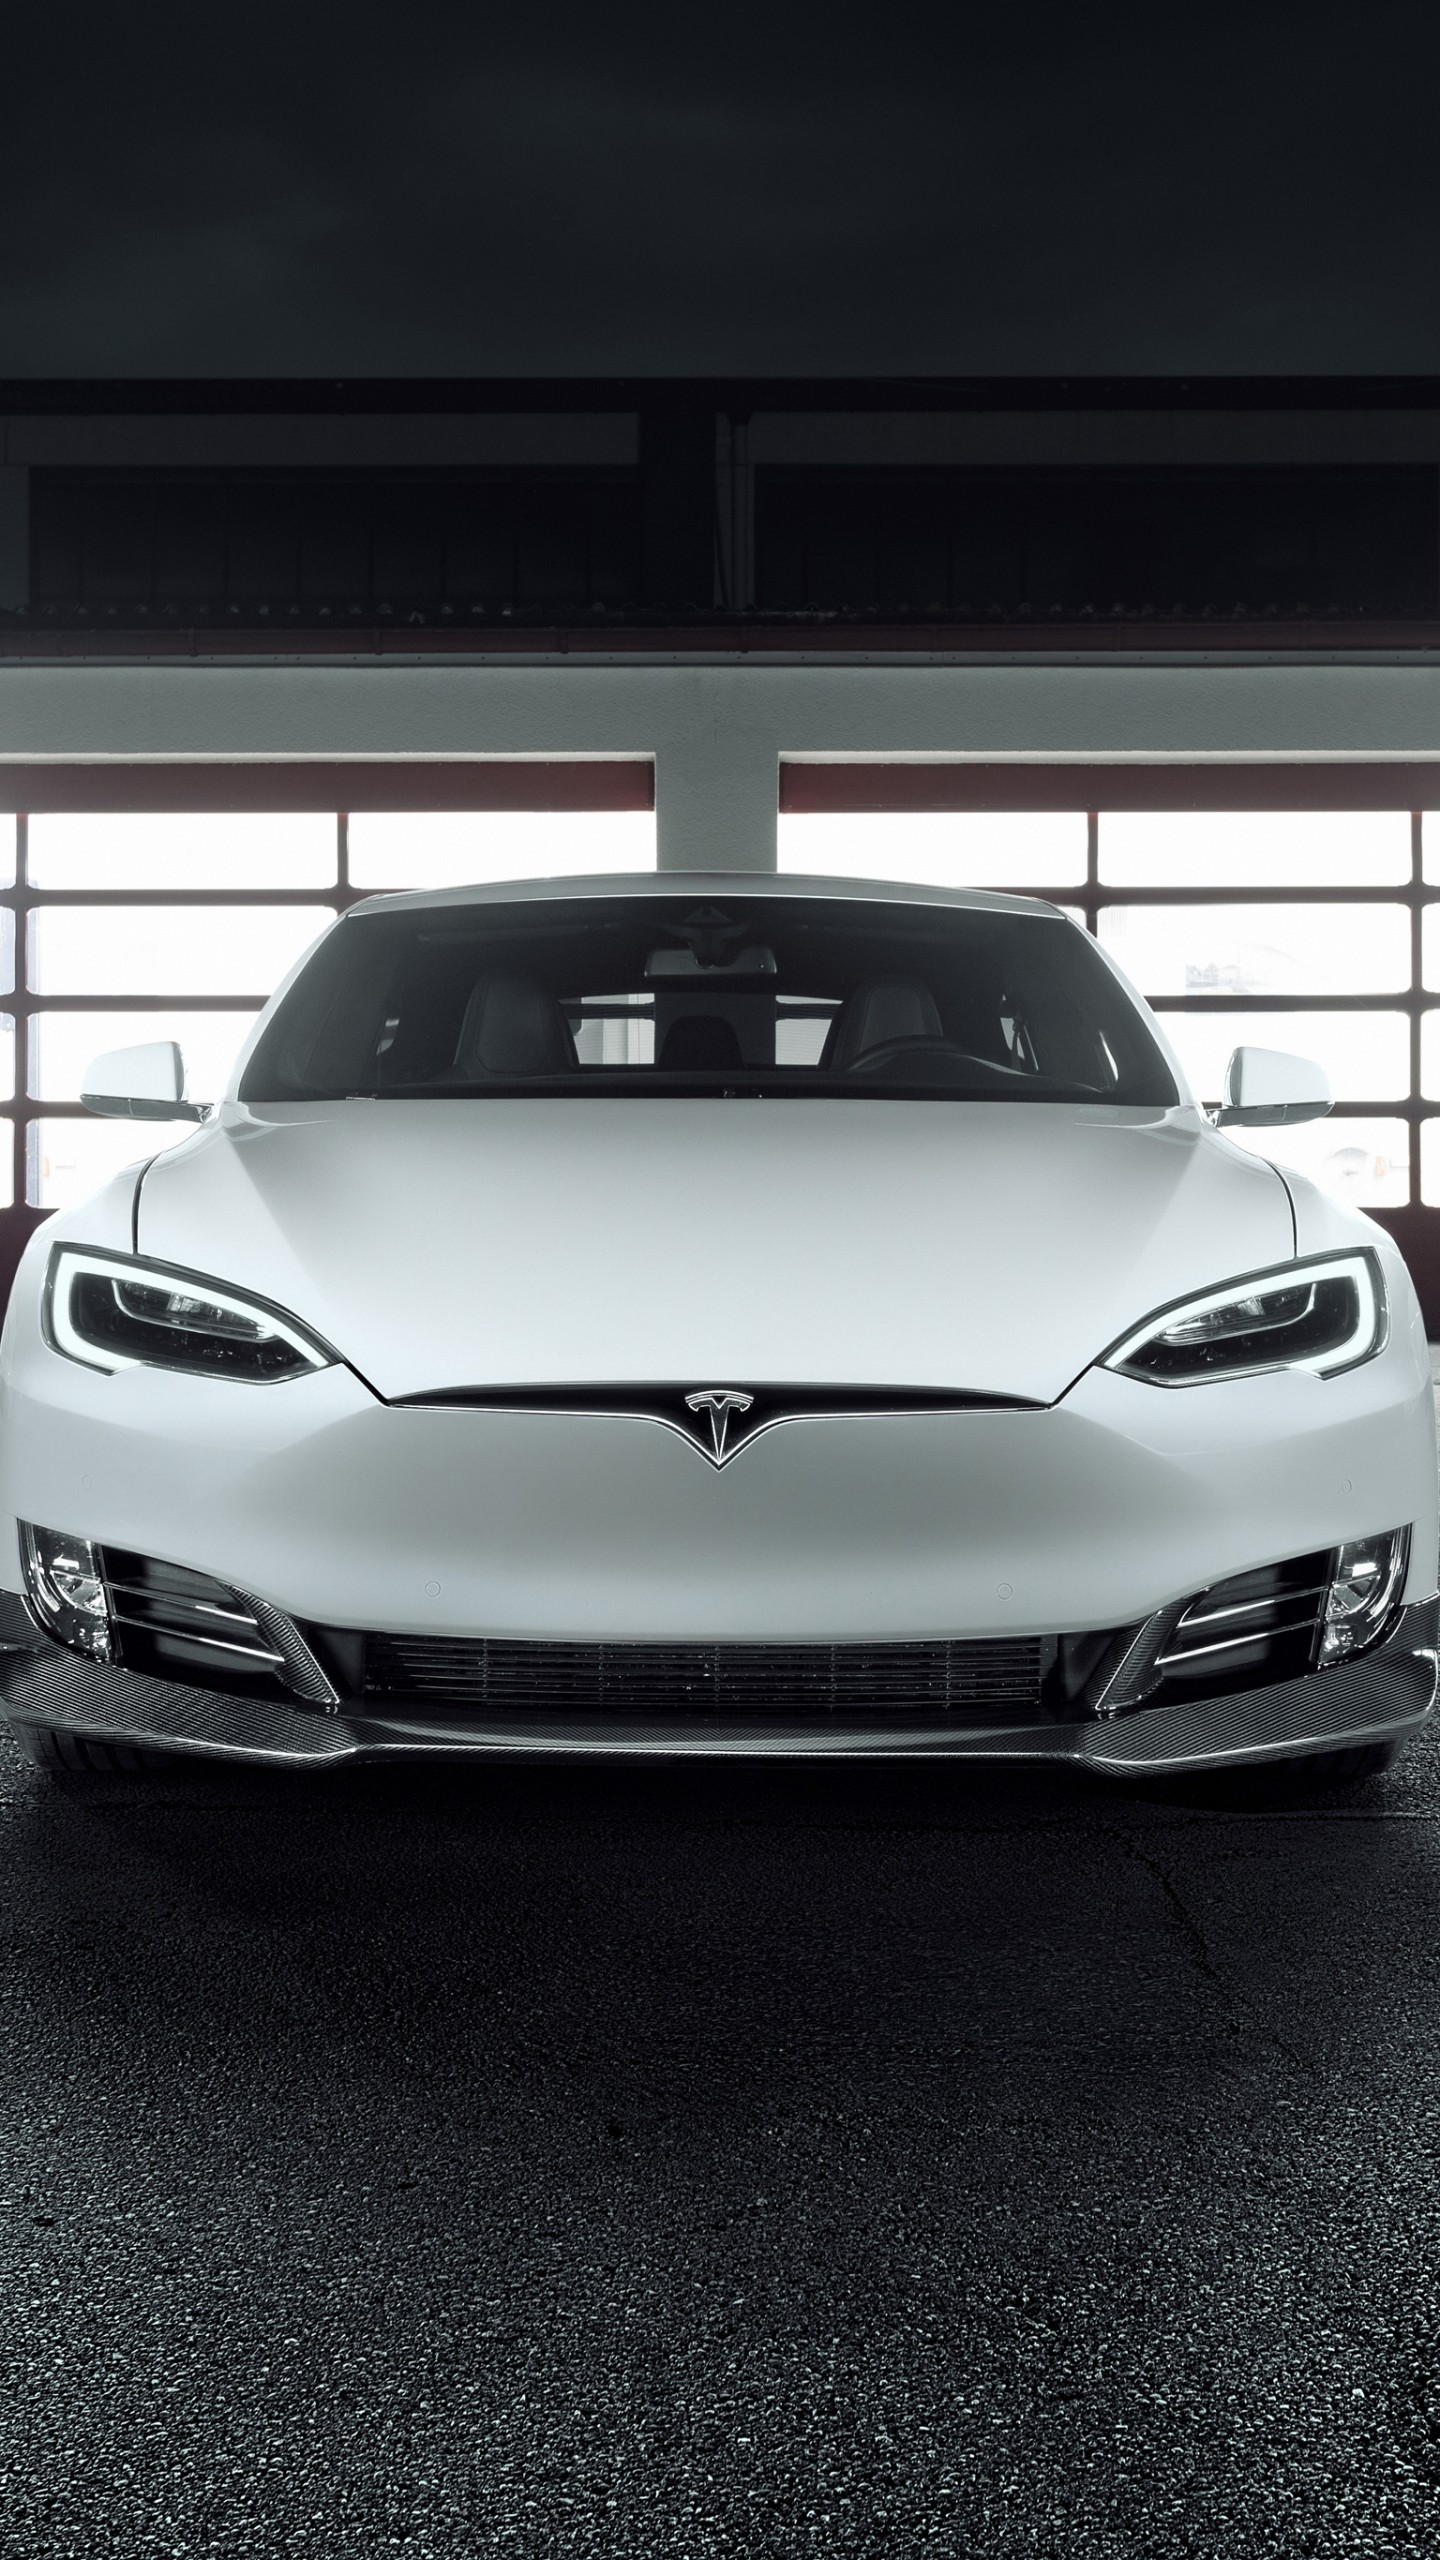 عکس زمینه مدل جدید اتومبیل تسلا سفید رنگ پس زمینه